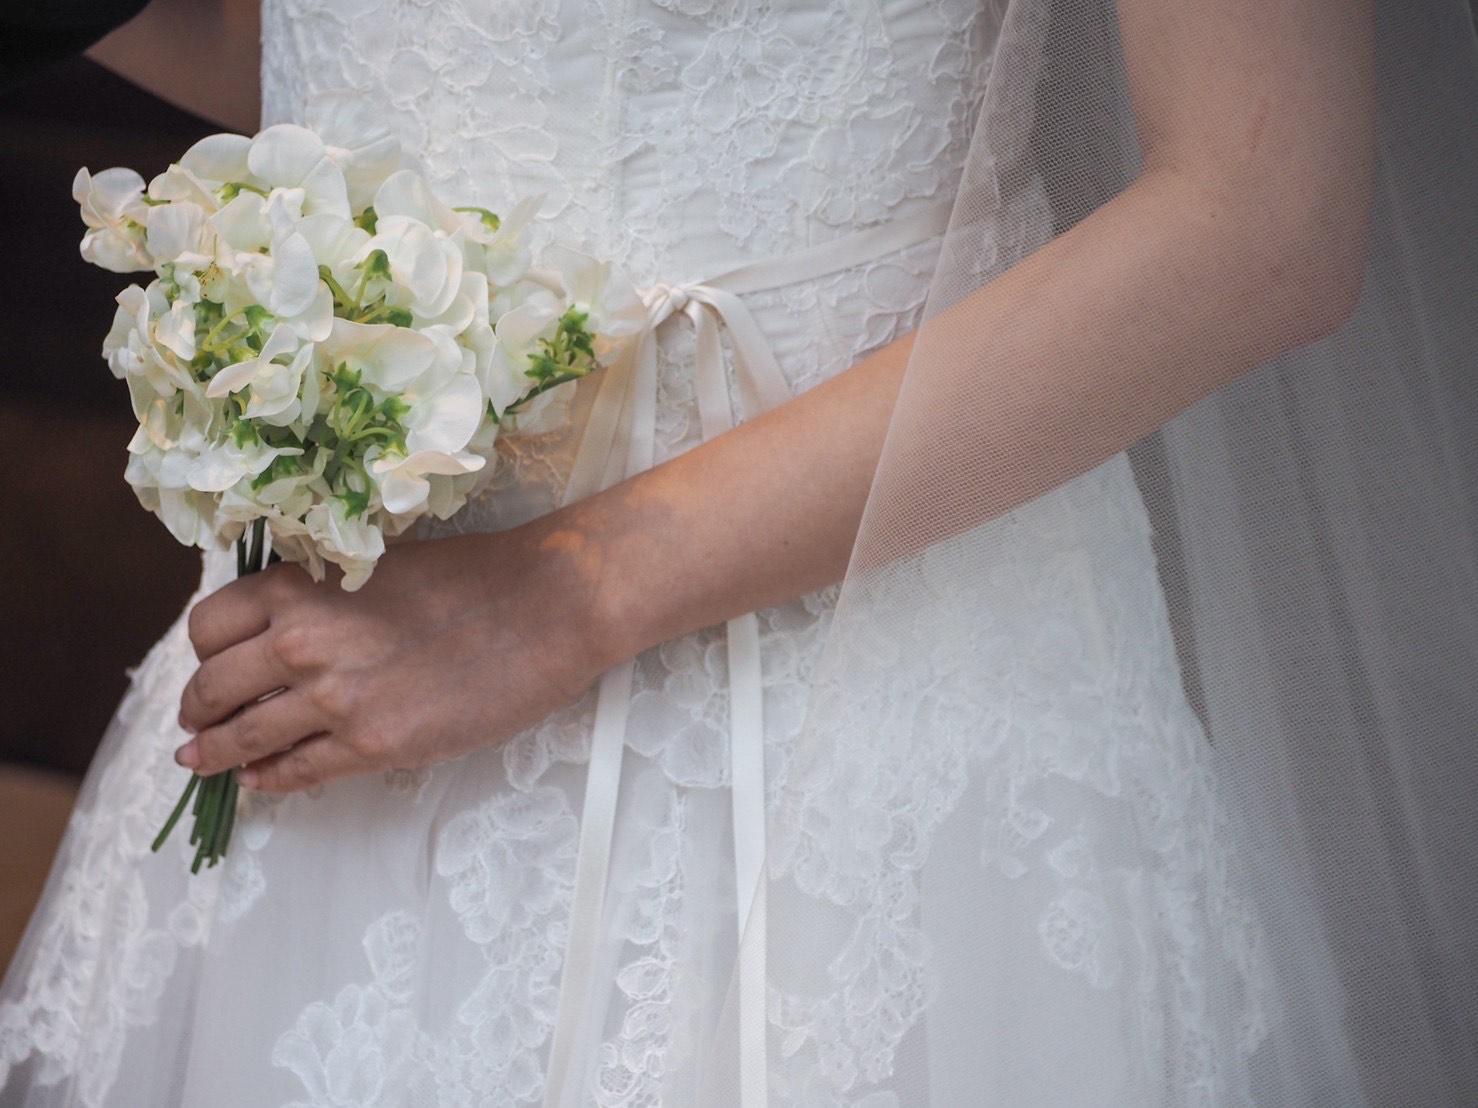 シャンテリーレースとチュールが美しいMonique Lhuillier(モニーク ルイリエ)のウエディングドレスのご紹介